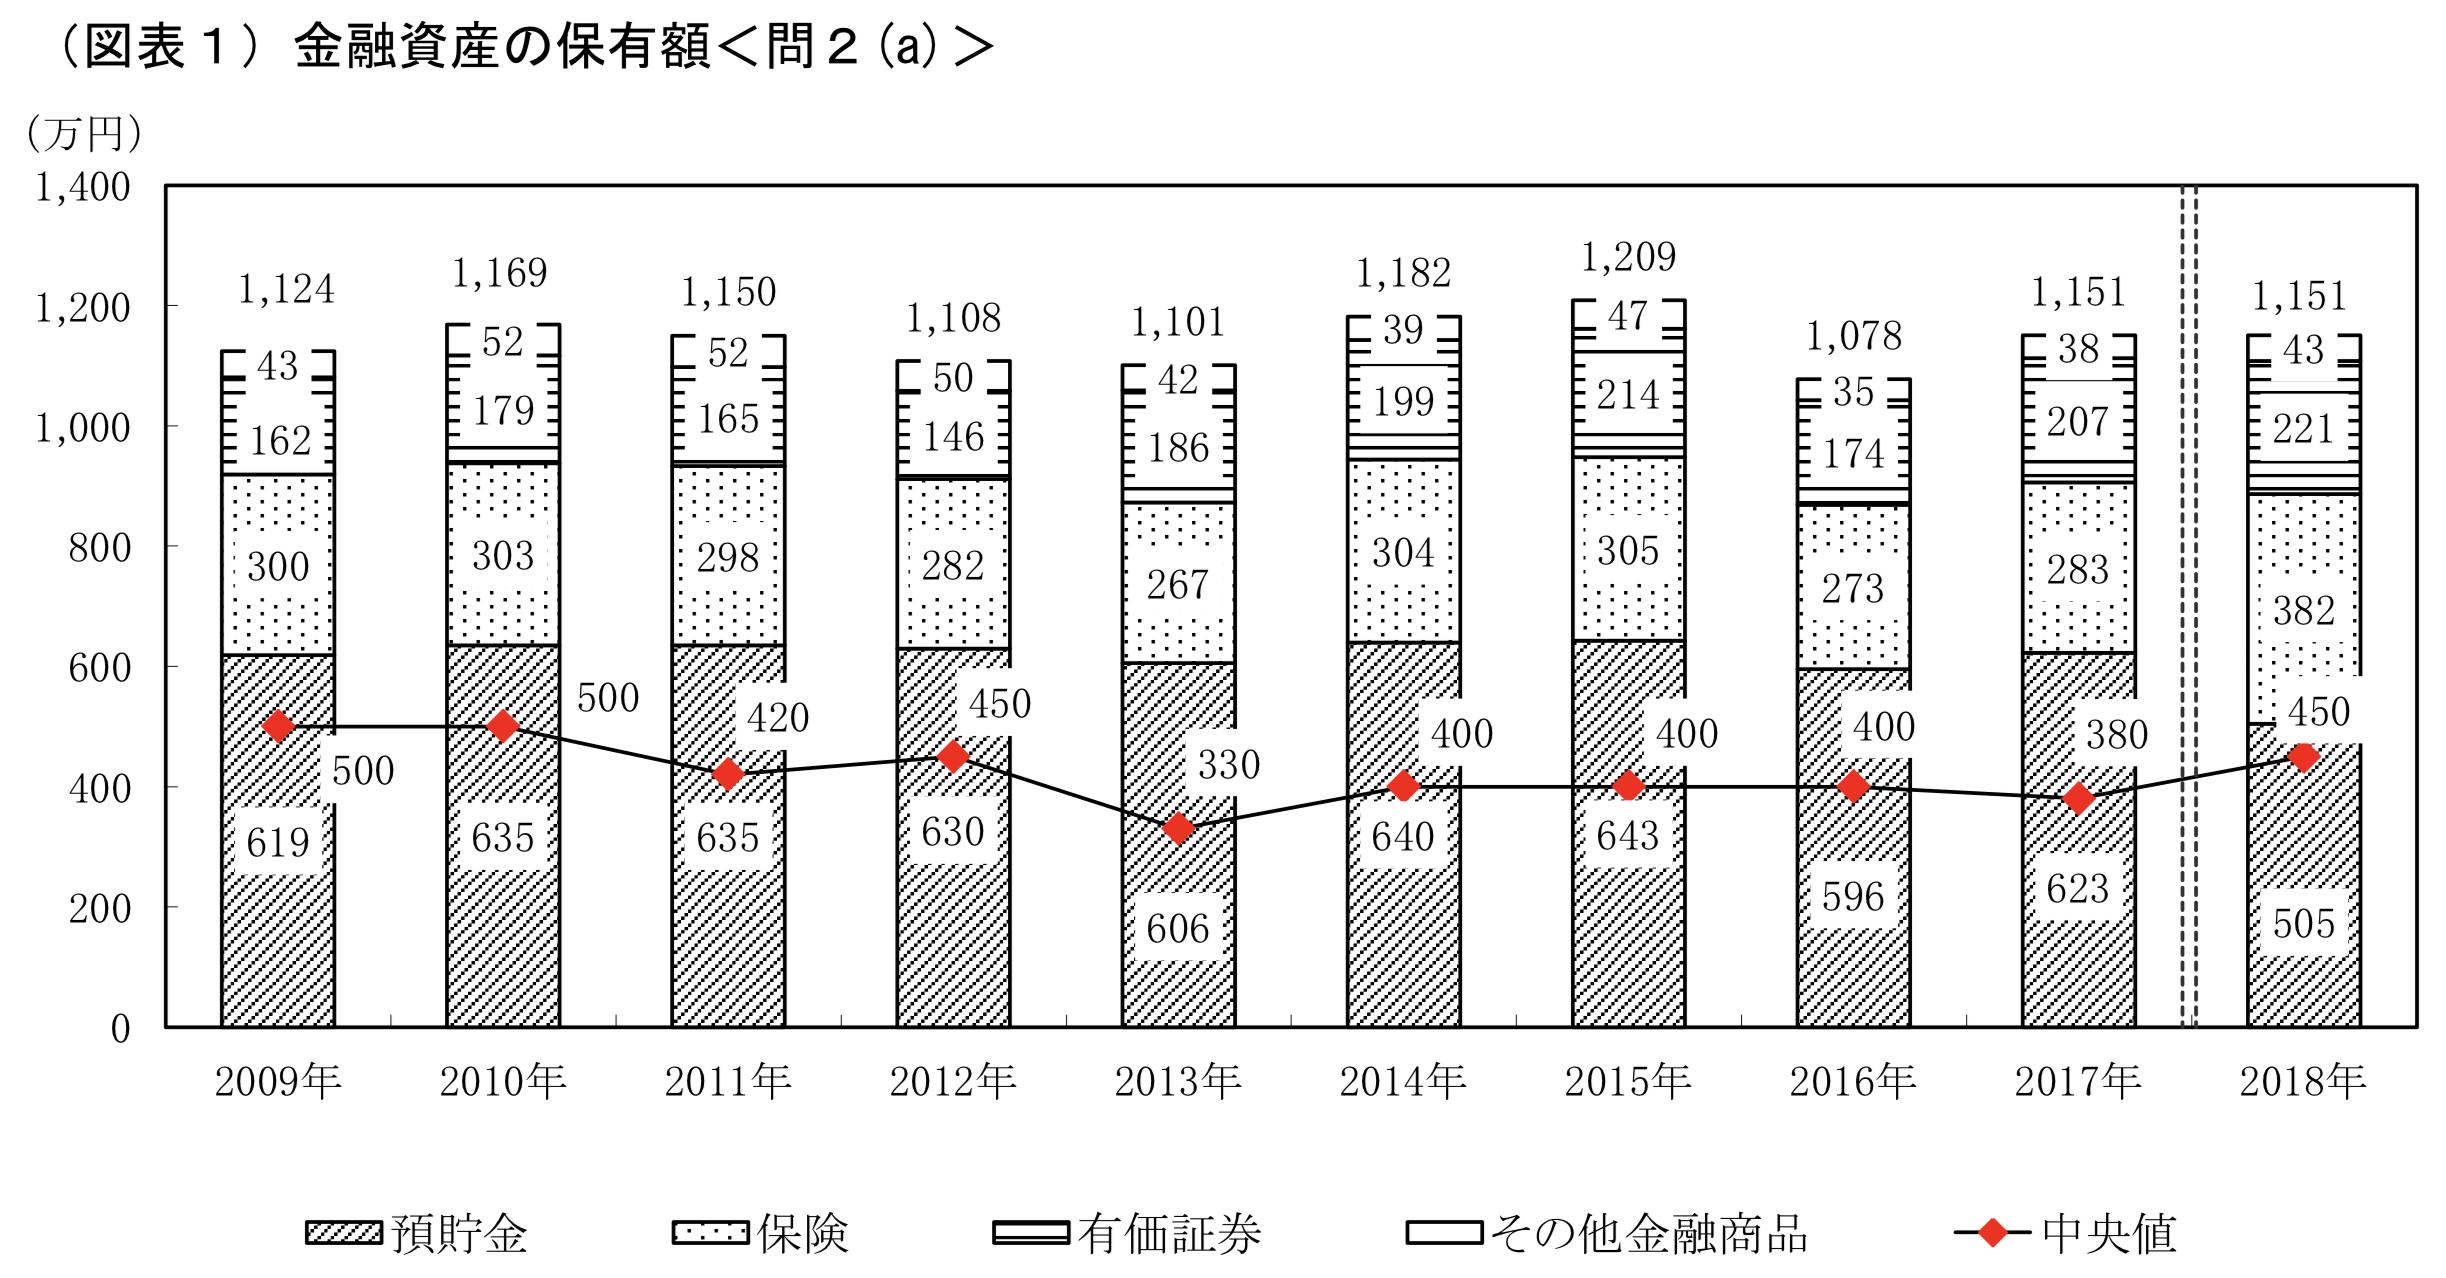 日本の家計資産に占める保険の割合